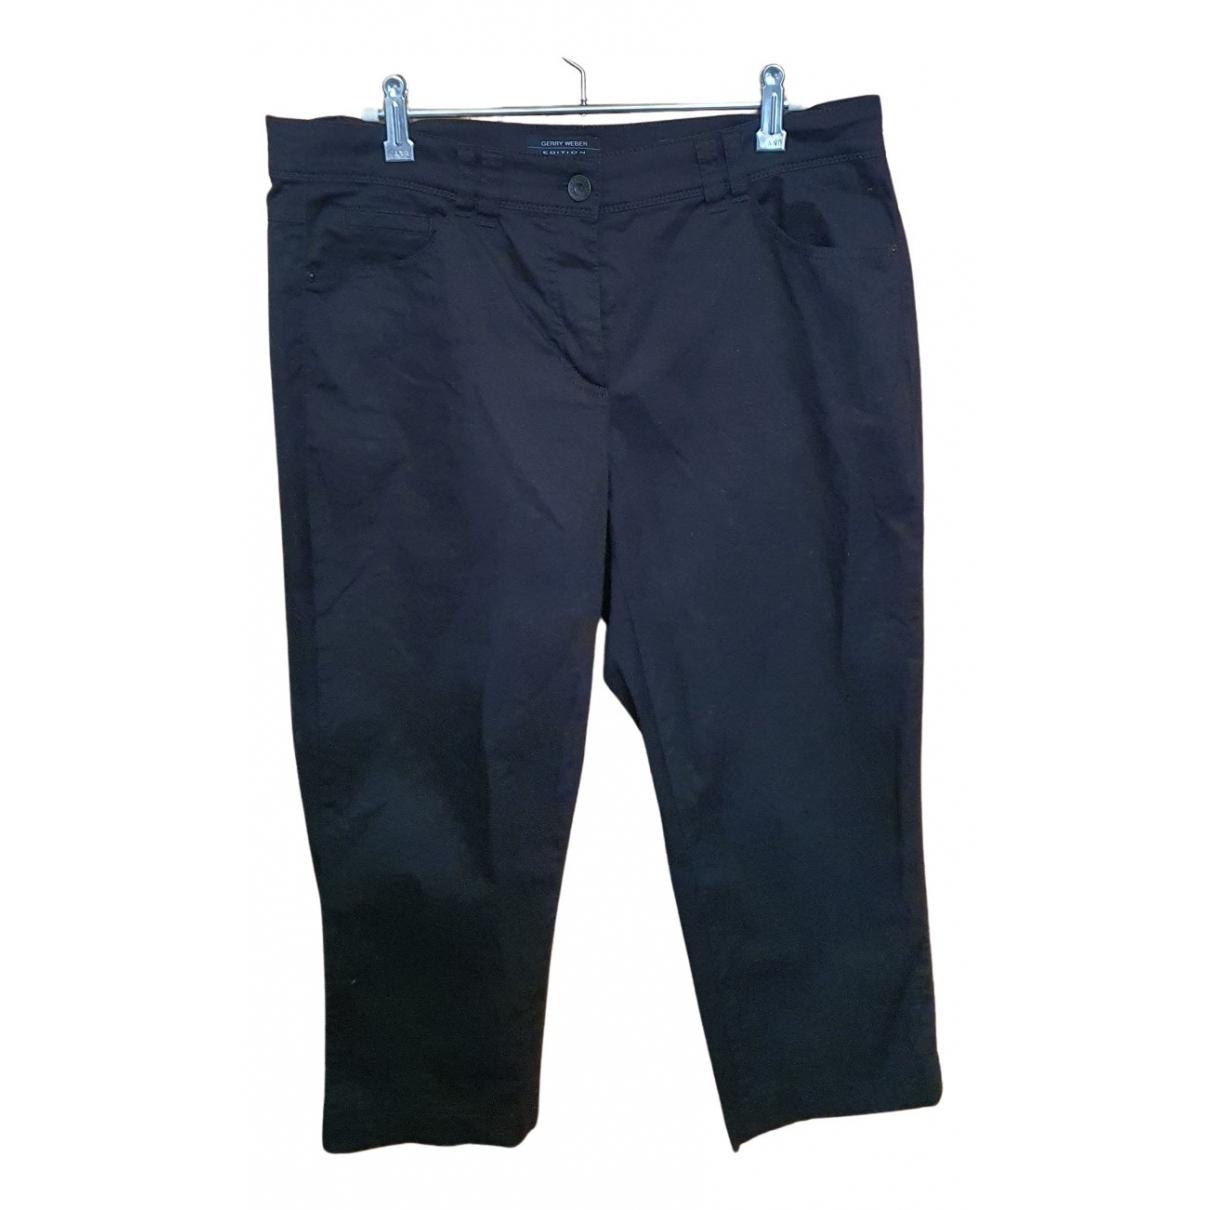 Pantalon recto Gerry Weber